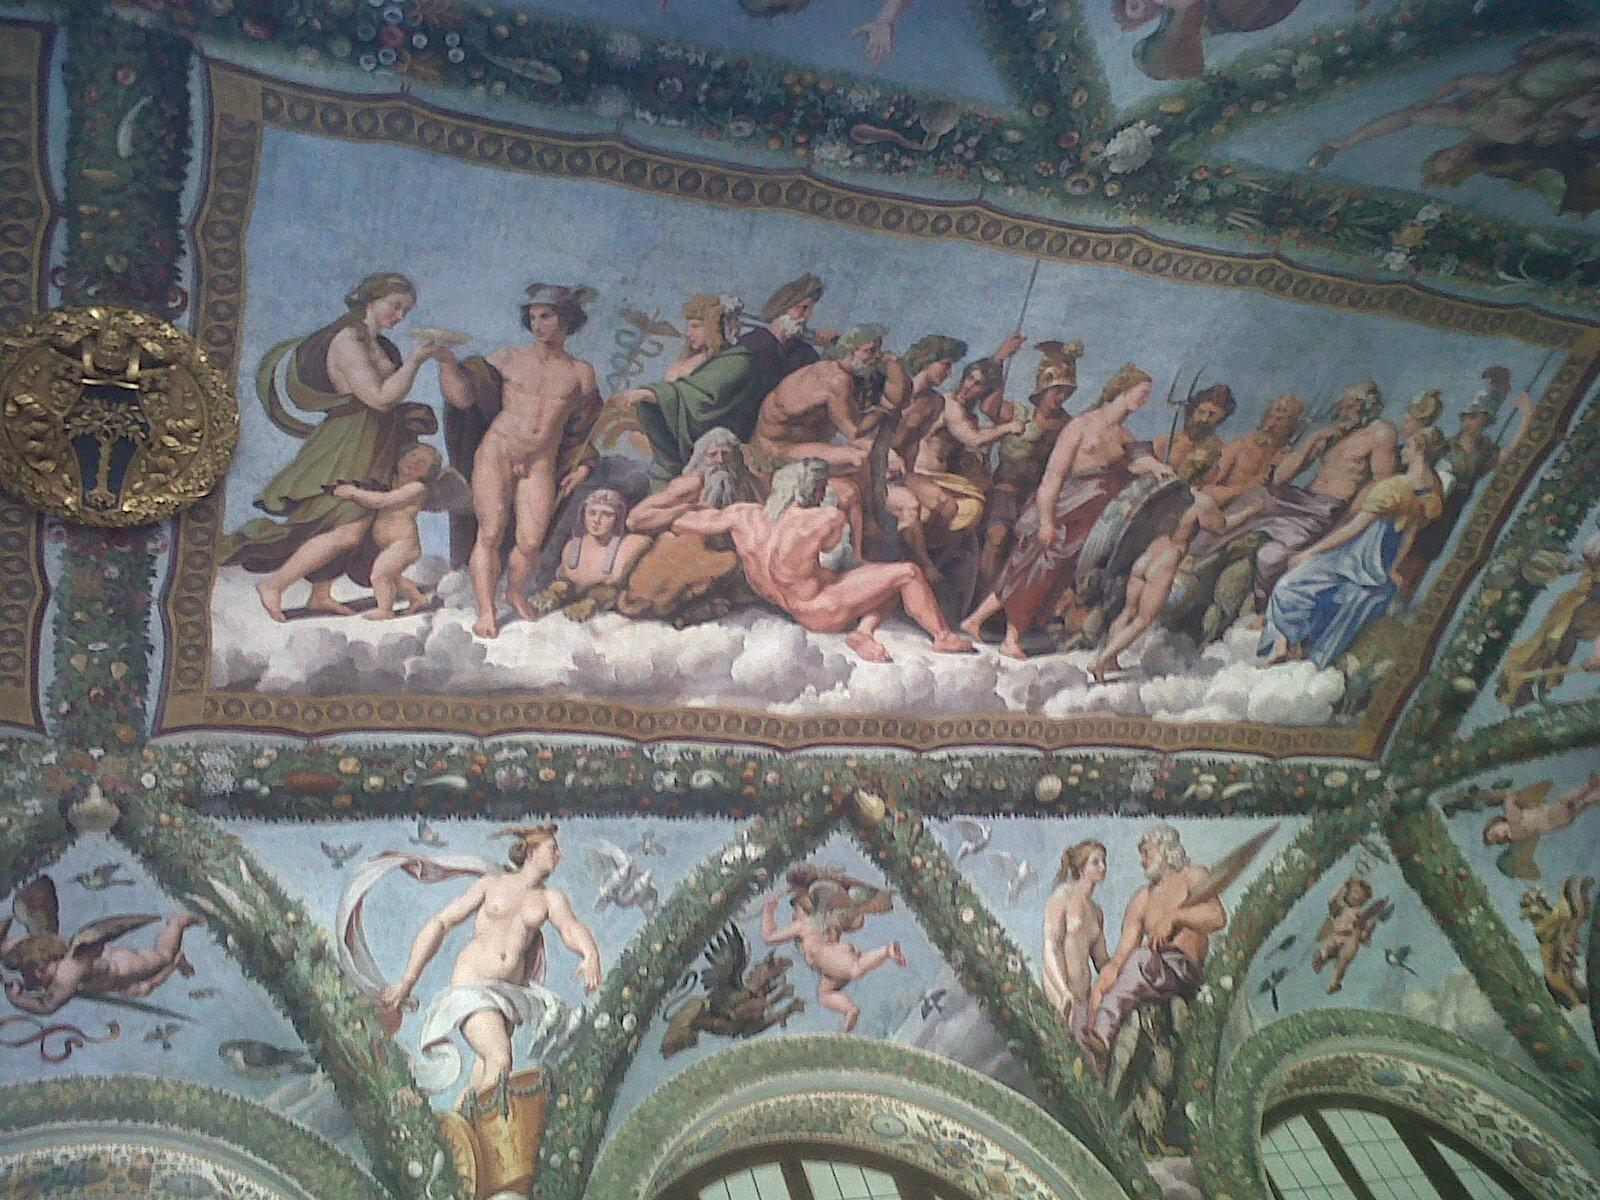 Il giovedì sera a Villa Farnesina, Raffaello e musica antica